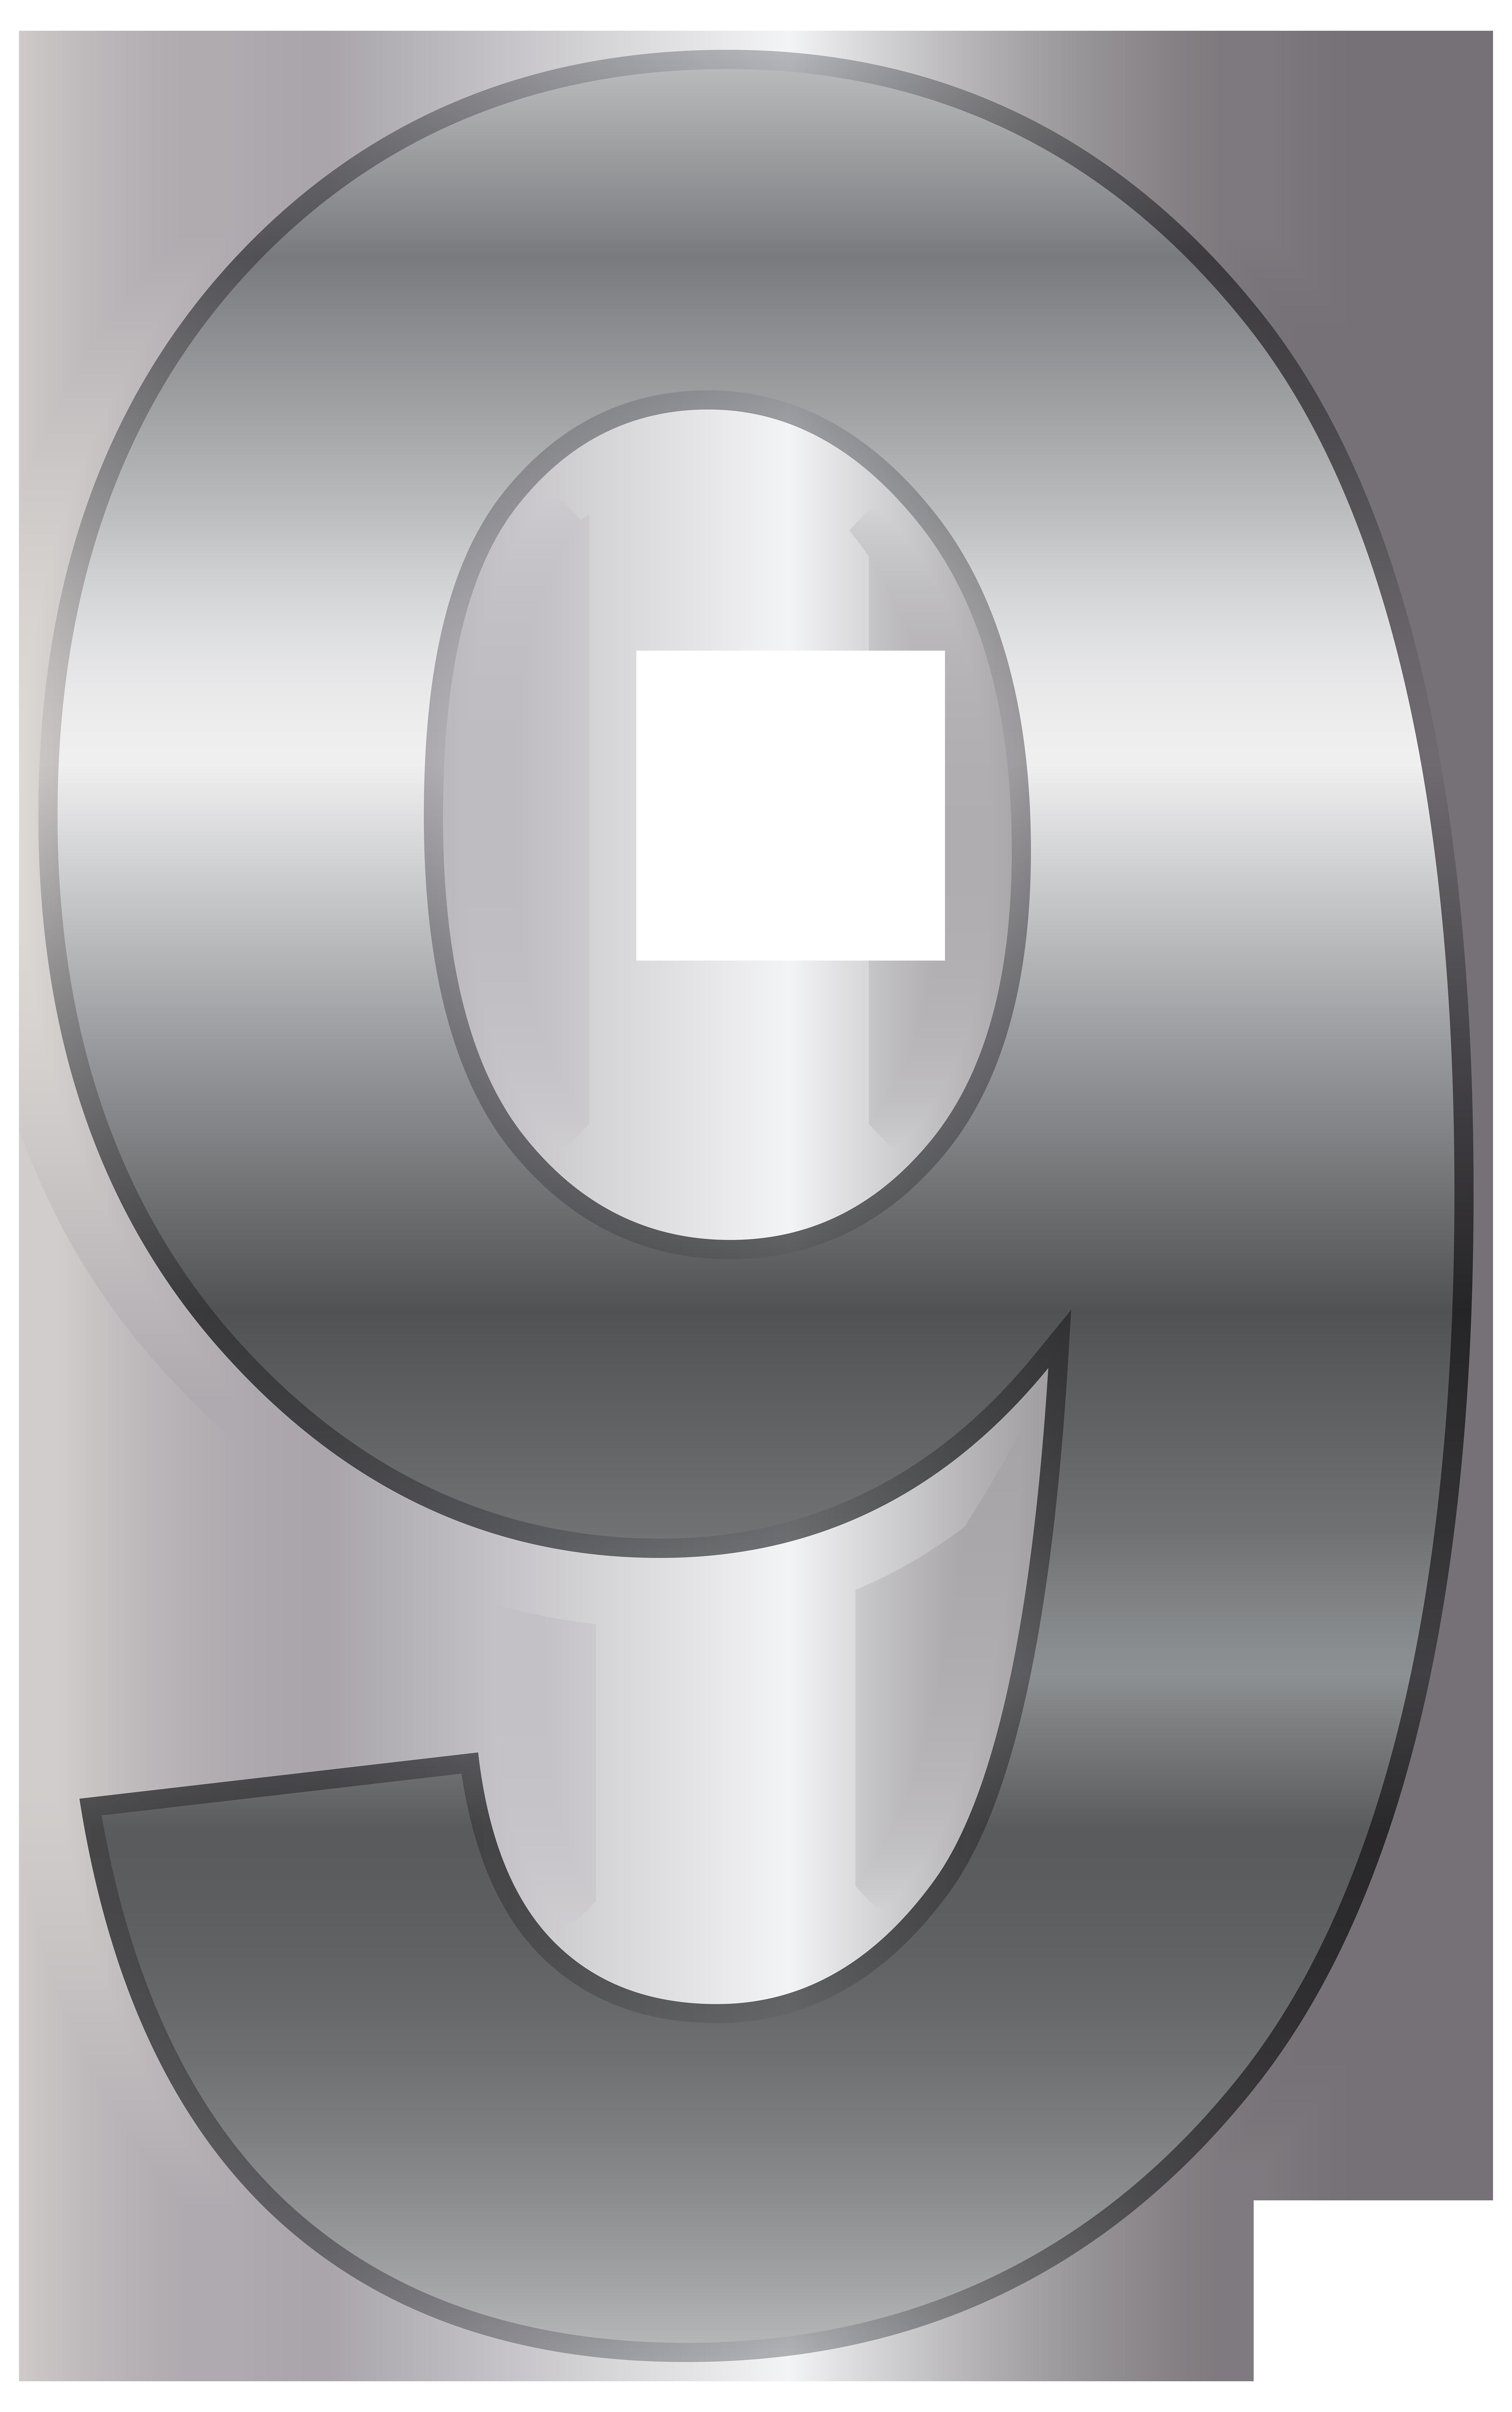 Silver Number Nine PNG Transparent Clip Art Image.